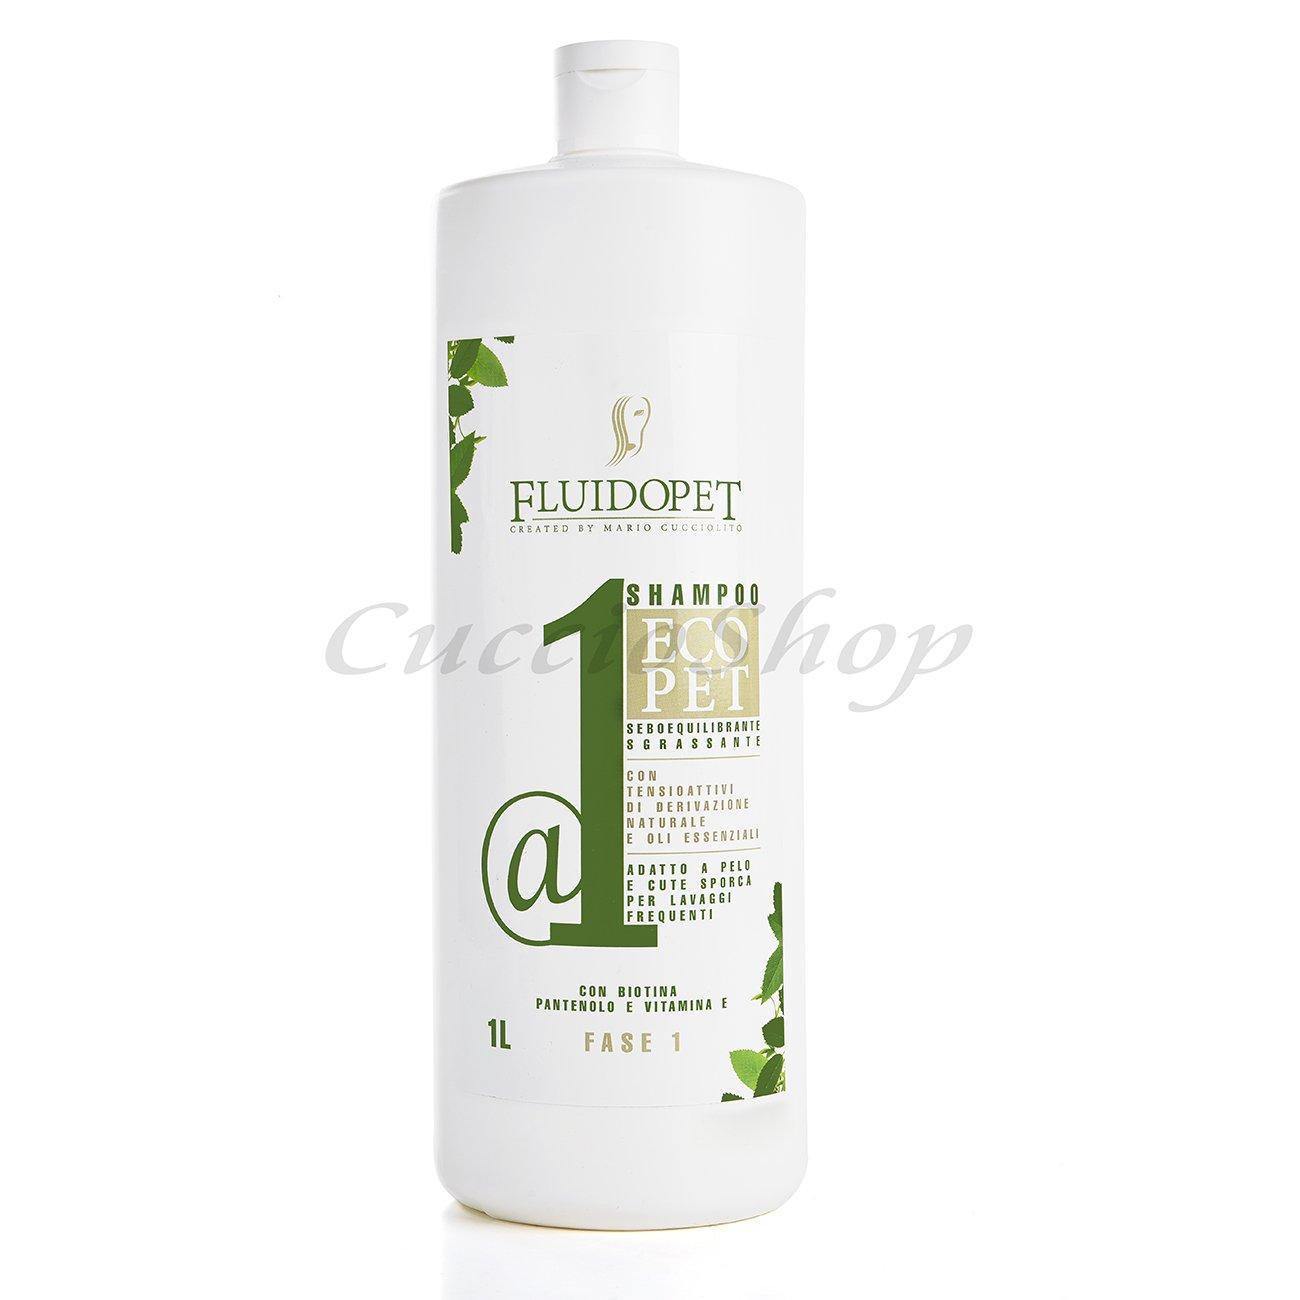 shampoo fluidopet @1